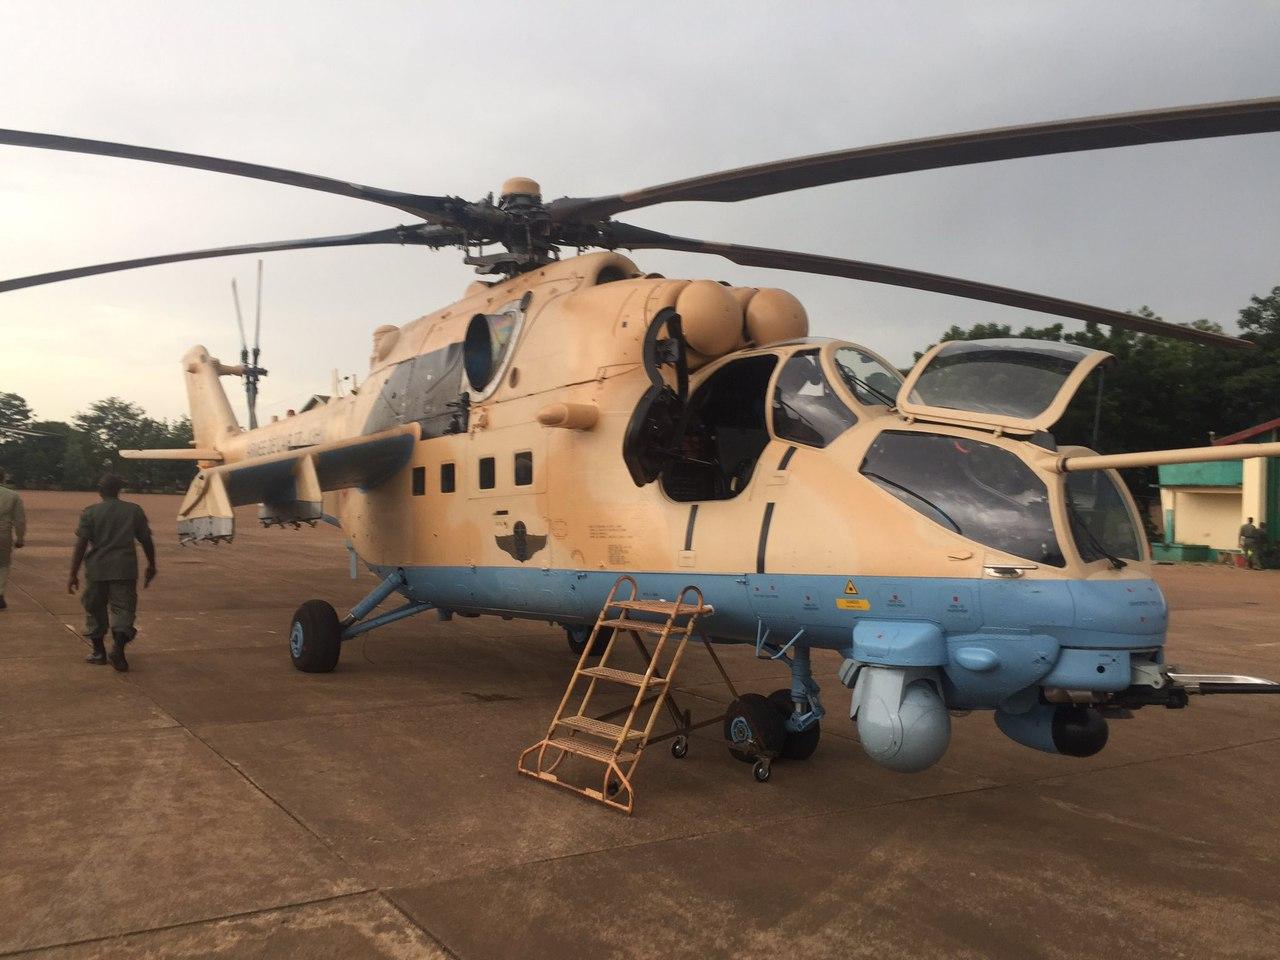 Один из двух поставленных ВВС Мали из России новых боевых вертолетов Ми-35М (малийская регистрация TZ-14H) во время демонстрации президенту Мали Ибрагиму Бубакару Кейта. Бамако, 03.10.2017.